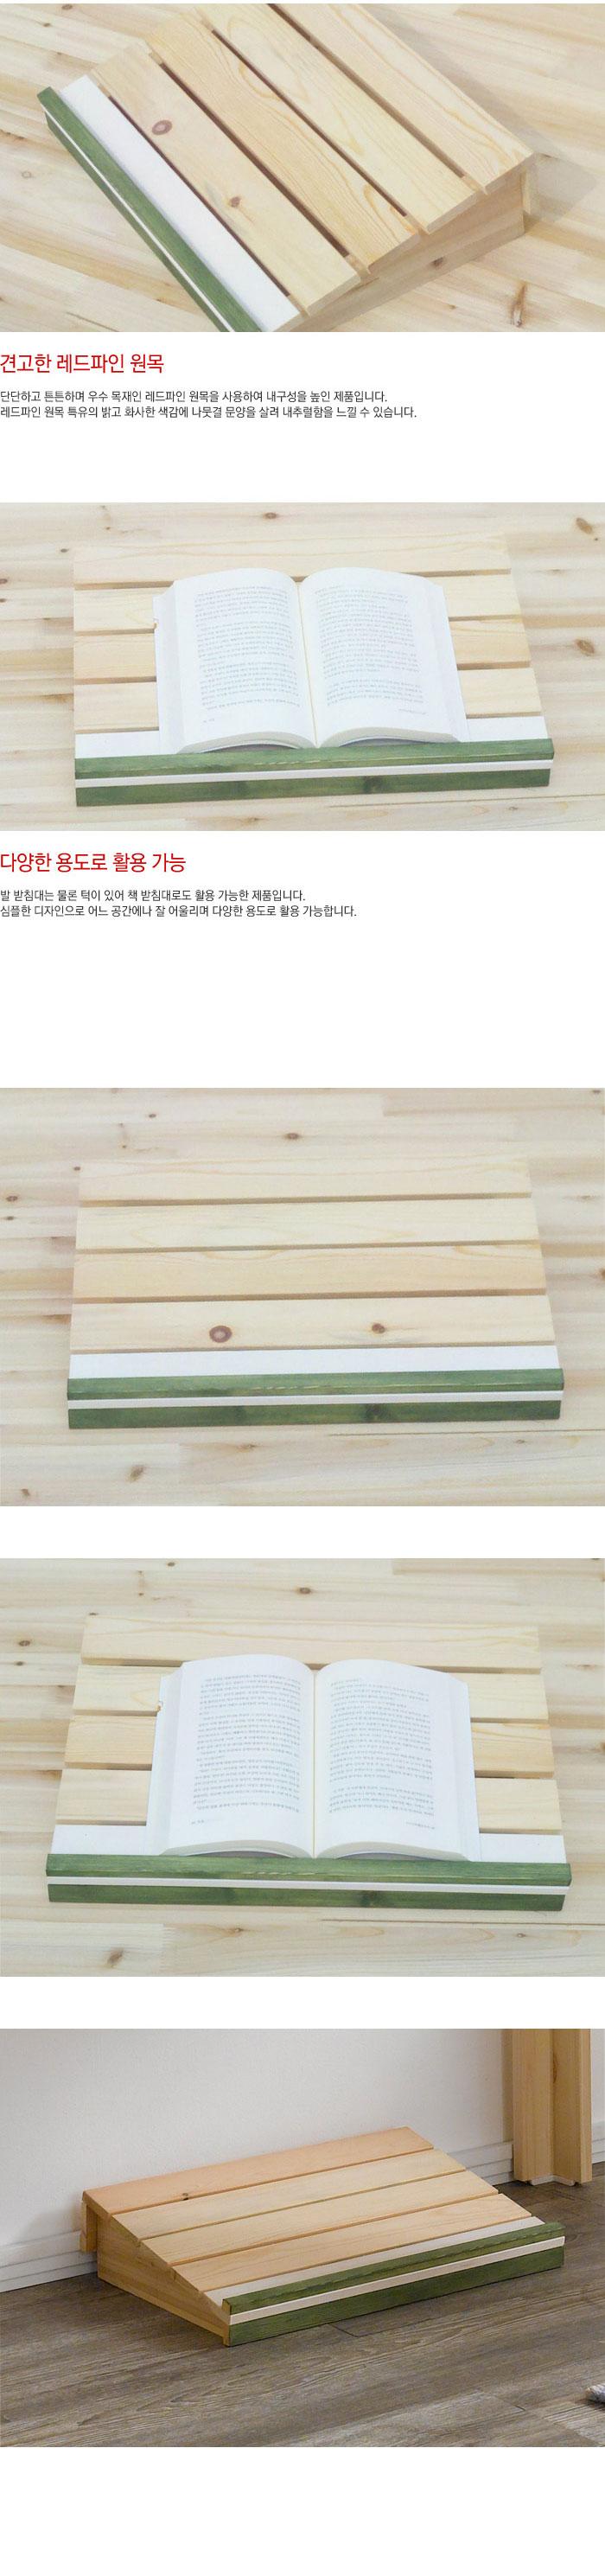 모렌 레드파인 원목 발판 - 인우드, 29,920원, 책상/의자, 책상소품/부품